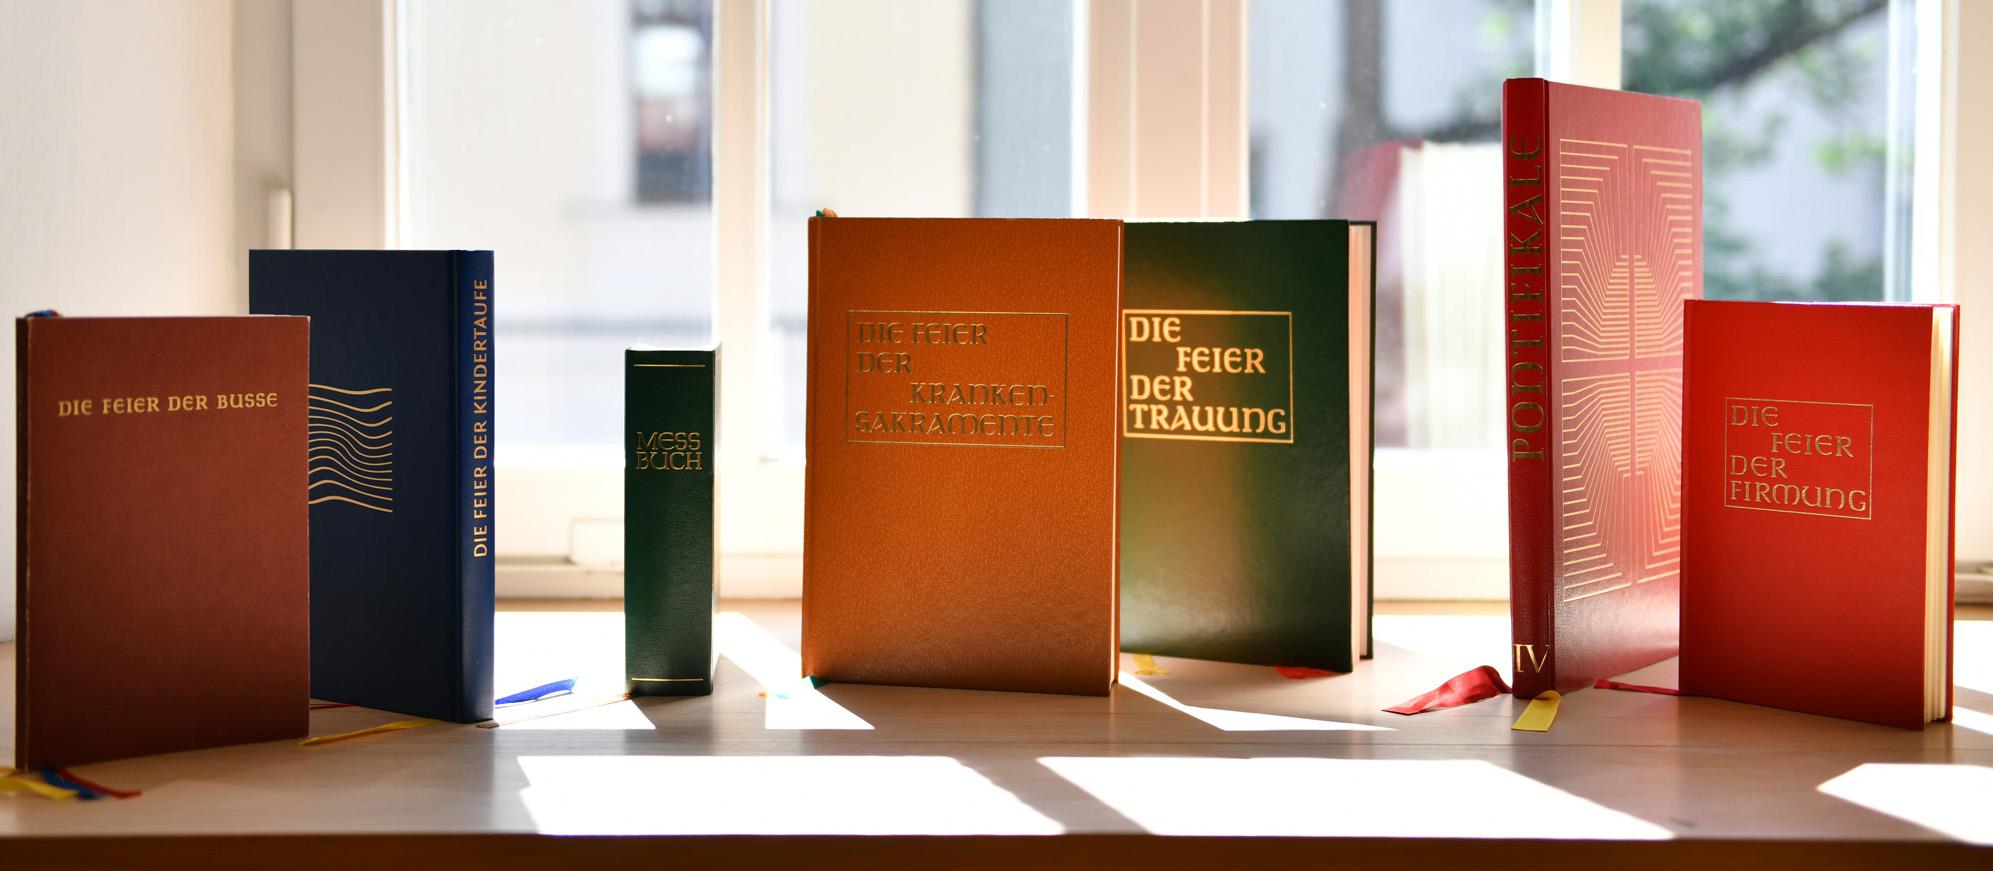 Liturgie im Fernkurs (Foto: Julian Schmidt / pba)